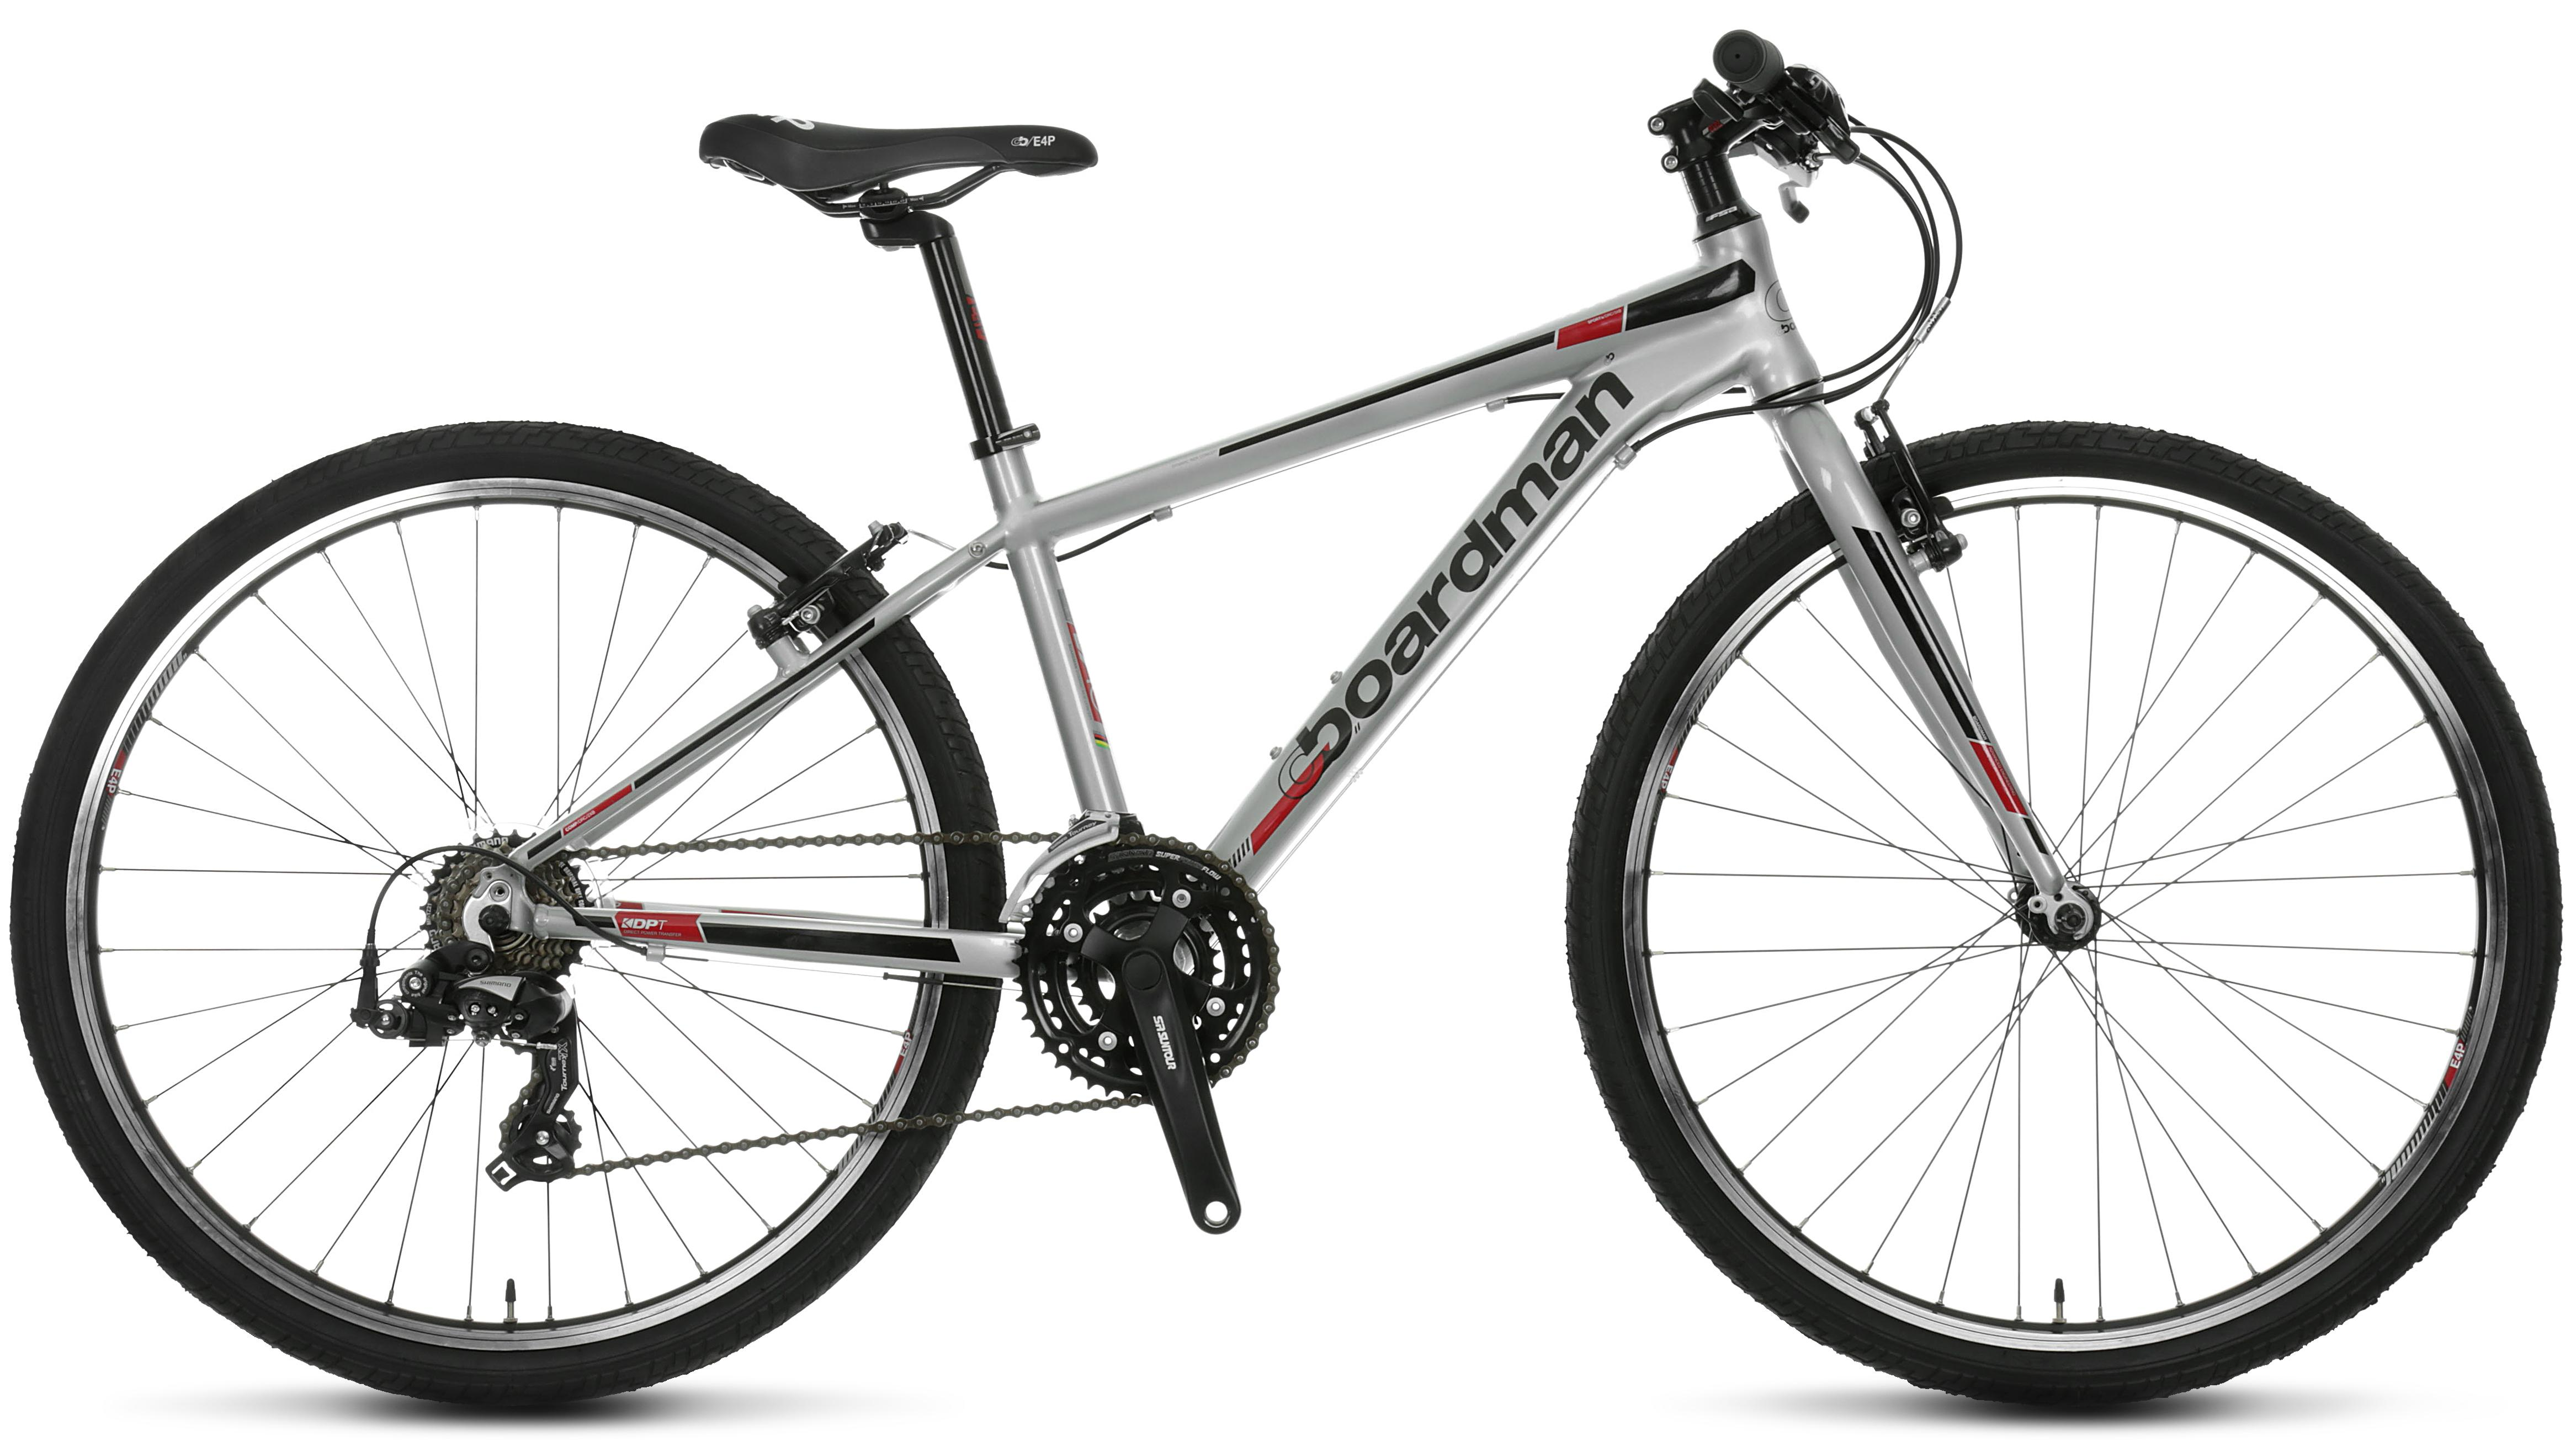 Details about Boardman Junior Hybrid Sport/e Bike 26